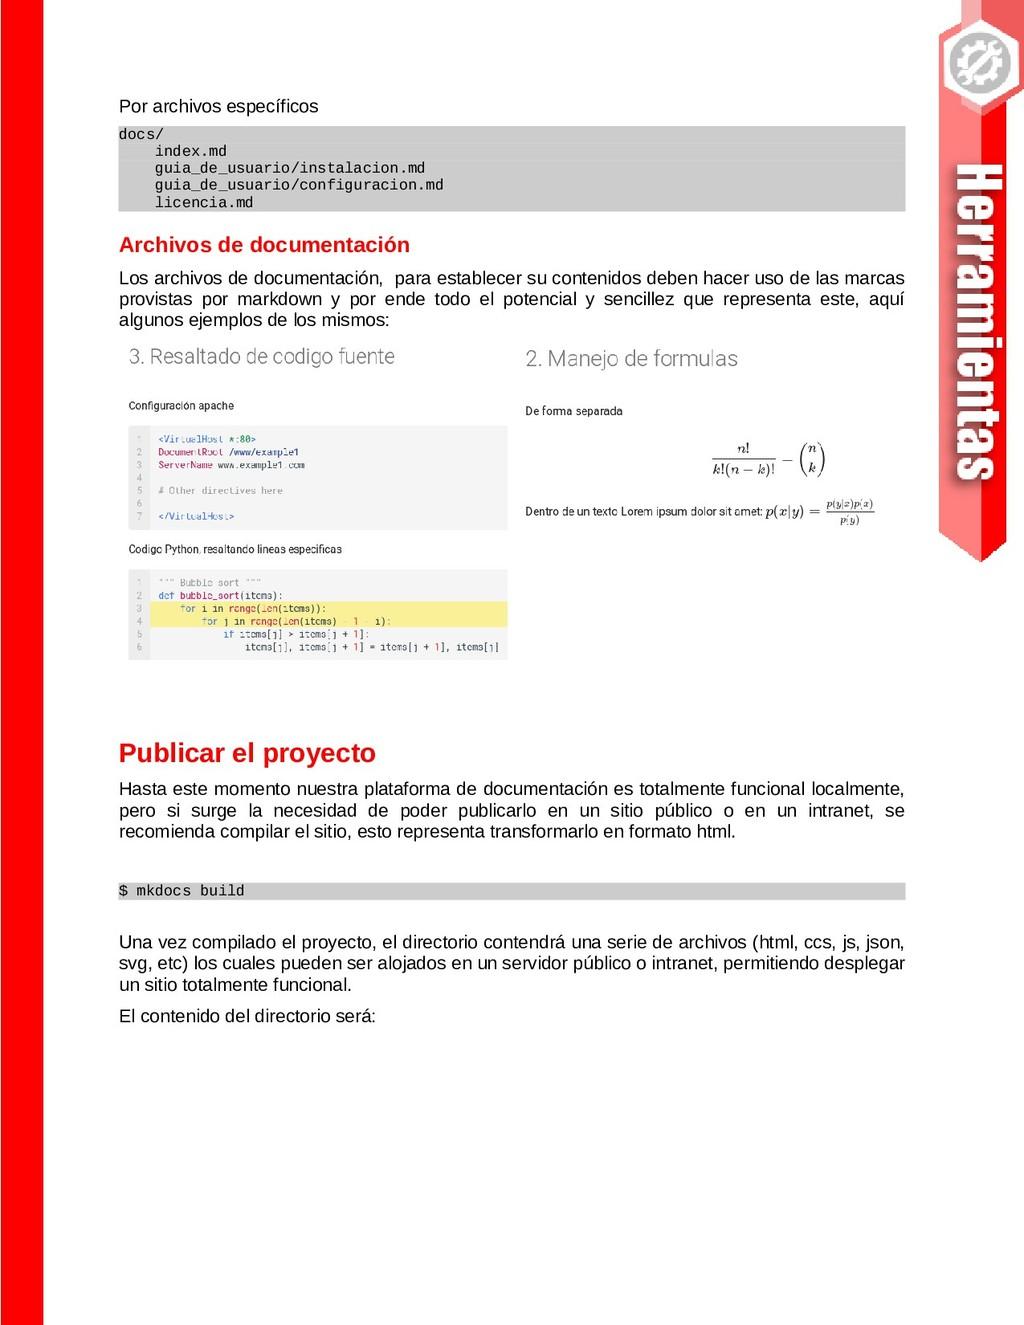 Por archivos específicos docs/ index.md guia_de...